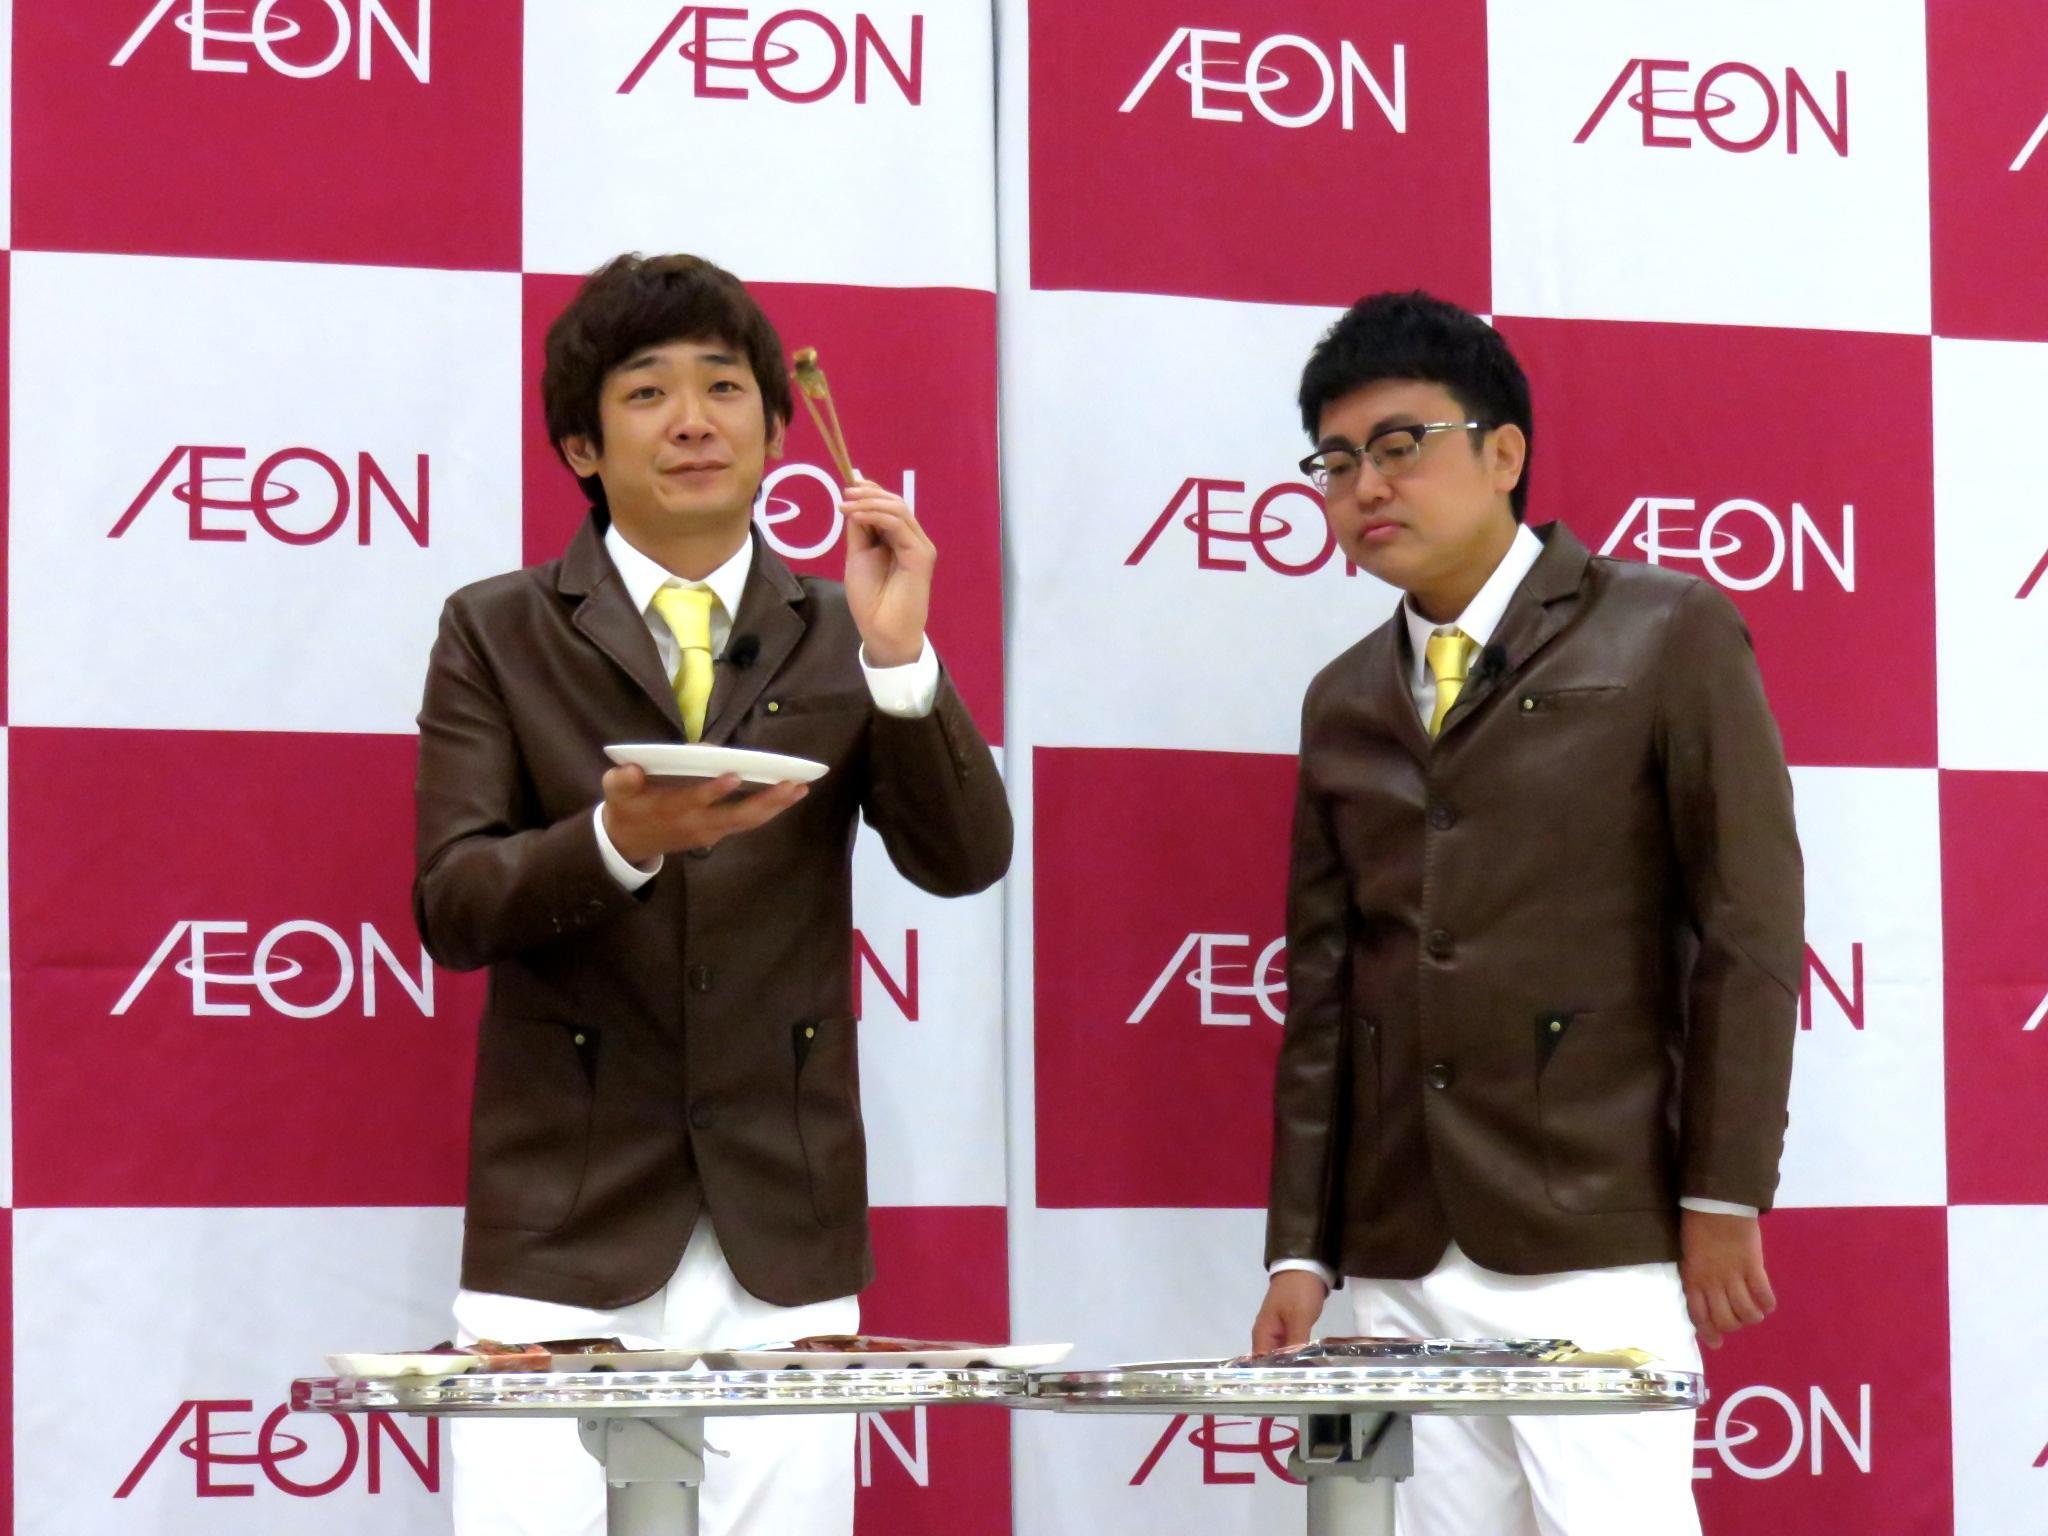 http://news.yoshimoto.co.jp/20170629151639-5d756b0c06c835ac6639cf89521d7d8fd97bfc22.jpg